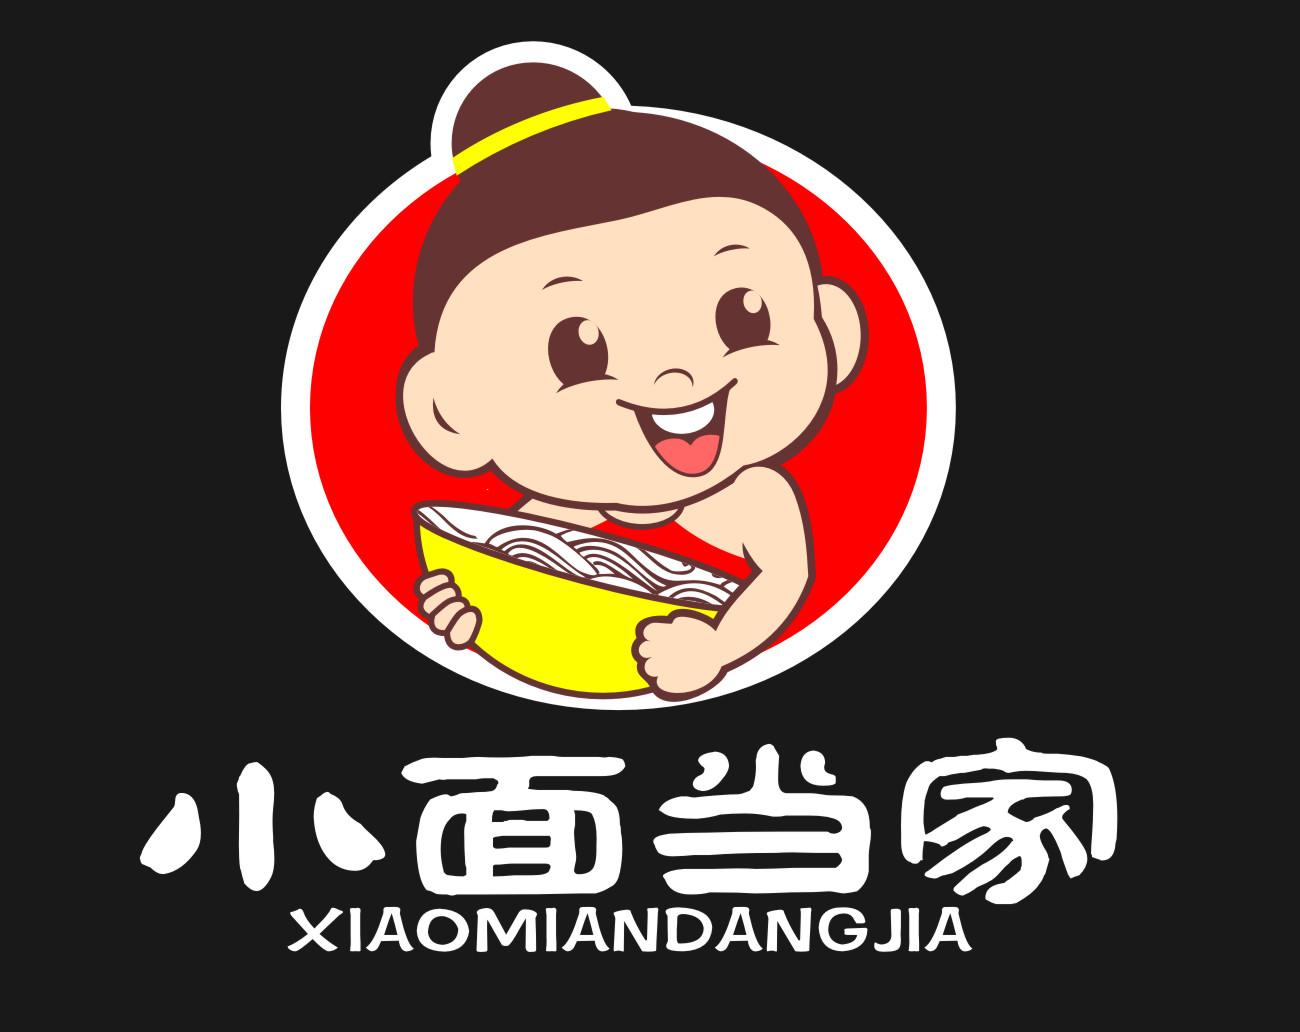 重庆华奇餐饮管理有限公司